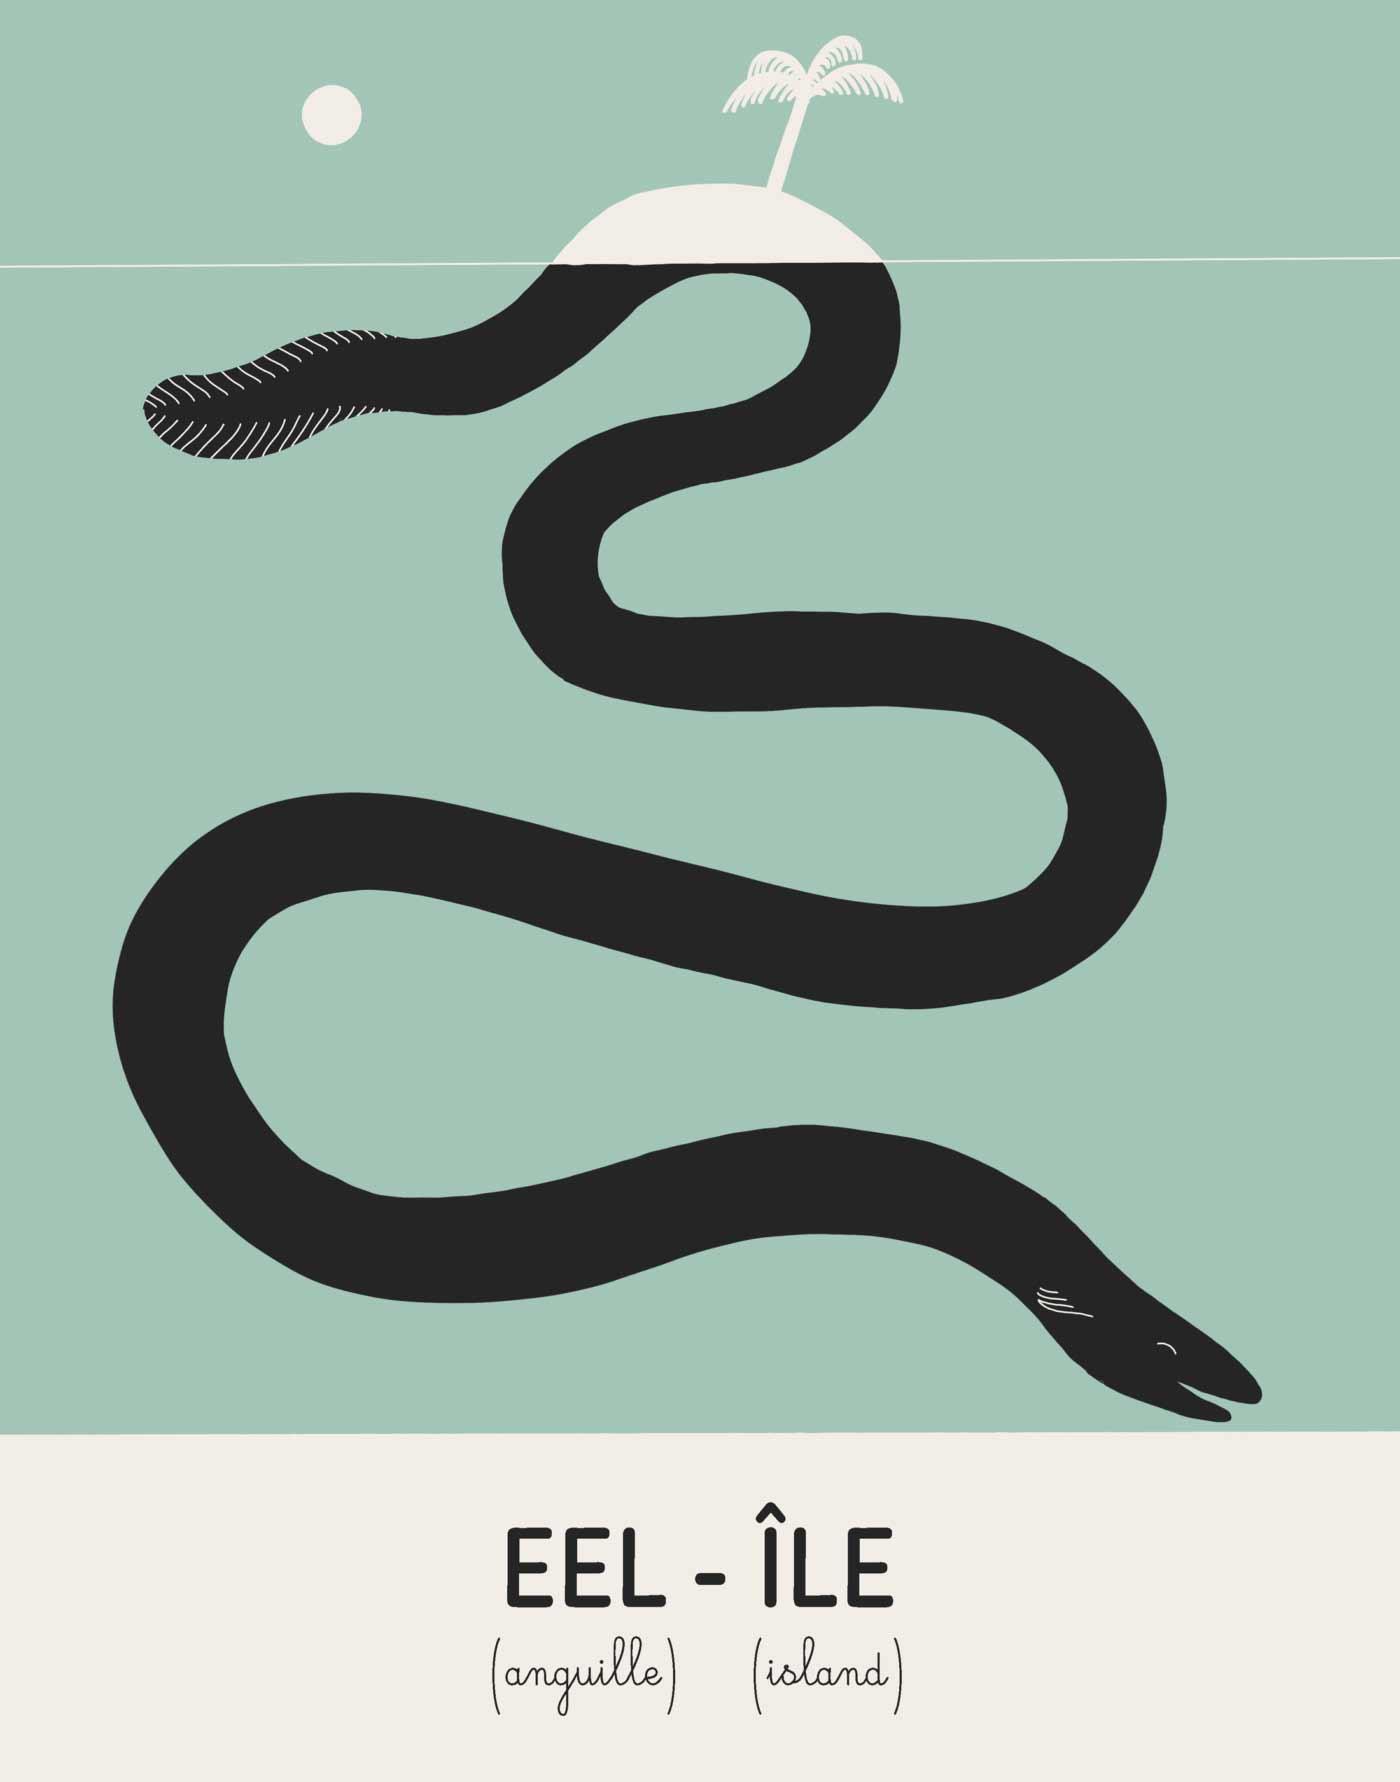 Illustrationen zu Wörtern, die im Englischen und Französischen gleich klingen Julien-Posture-an-eye-for-an-ail_04